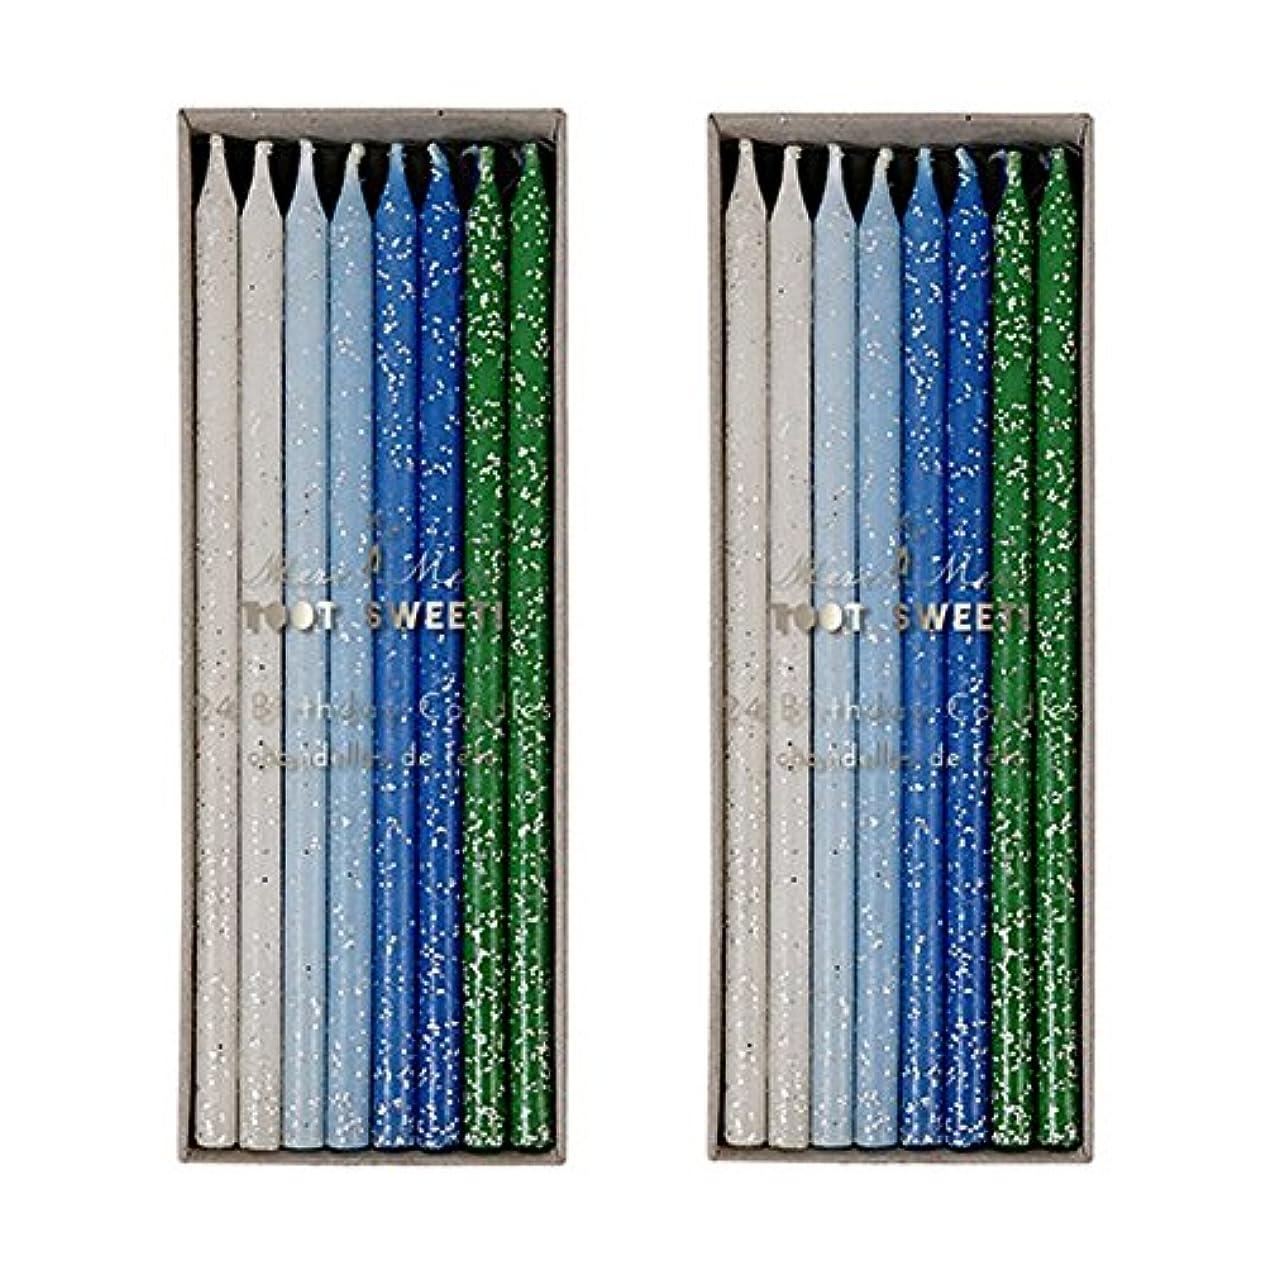 クリームセーブトムオードリースMeri Meri Birthday Candles 2つpack-48キャンドル ブルー